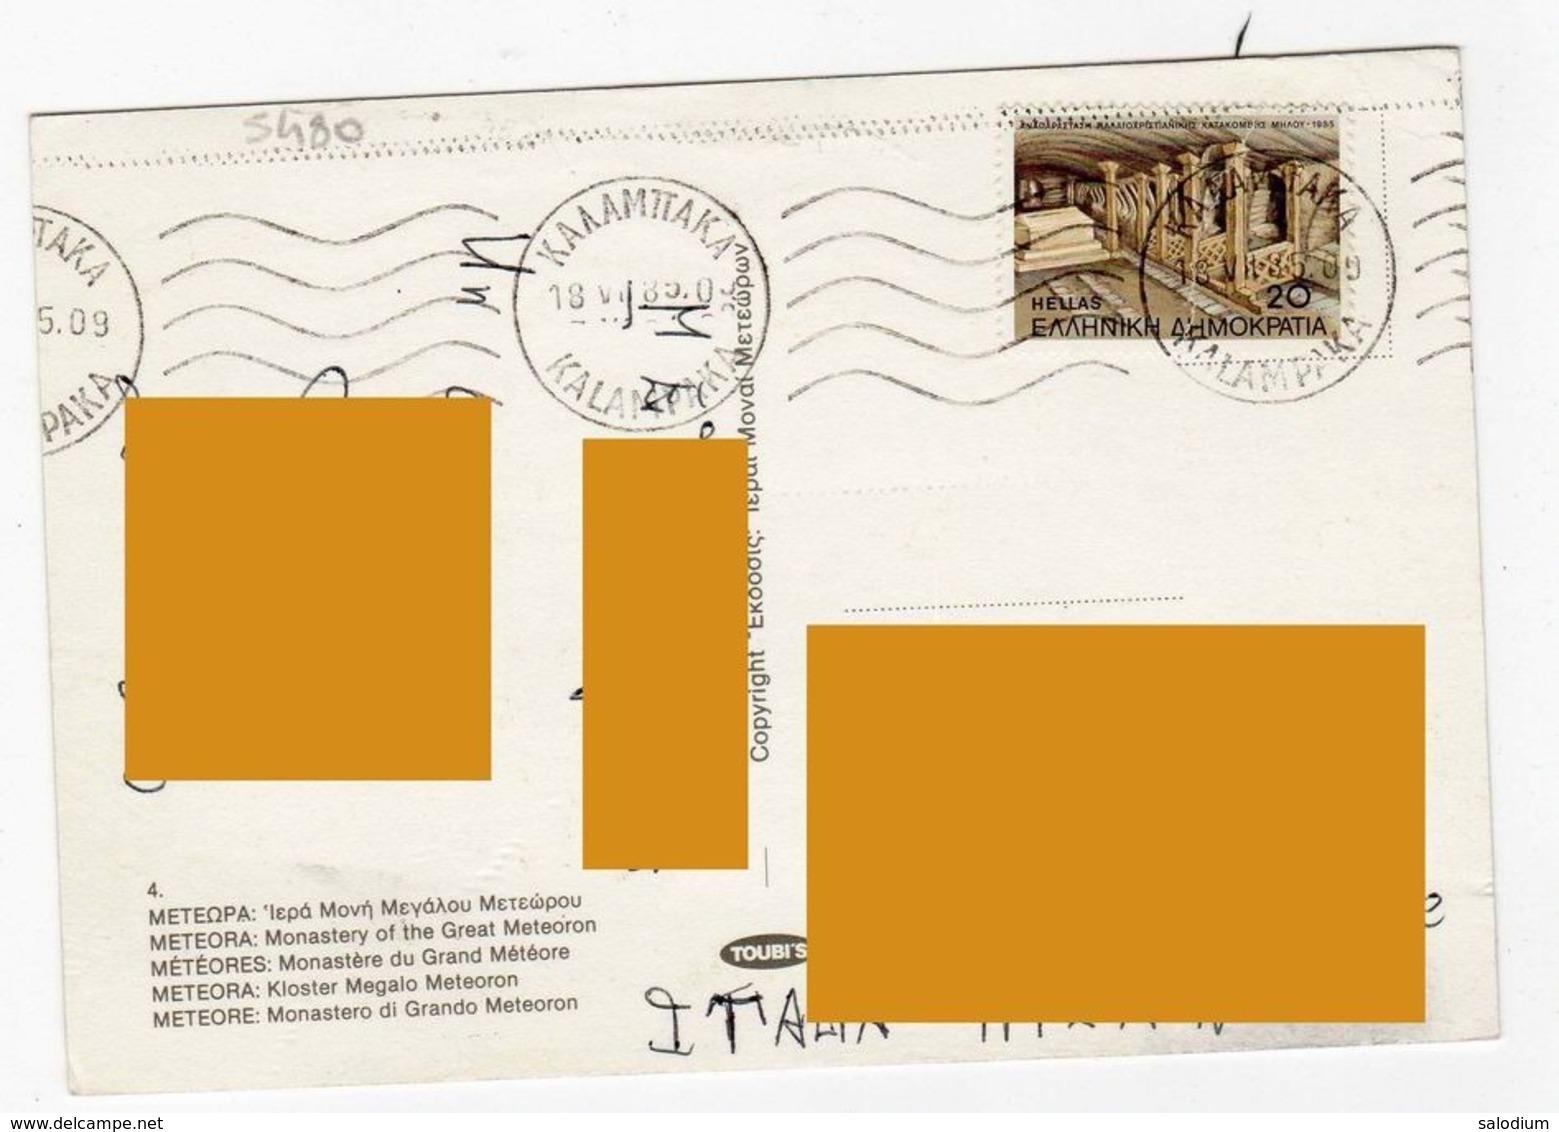 METEOPA - METEORA GRECIA GREECE Storia Postale - Grecia